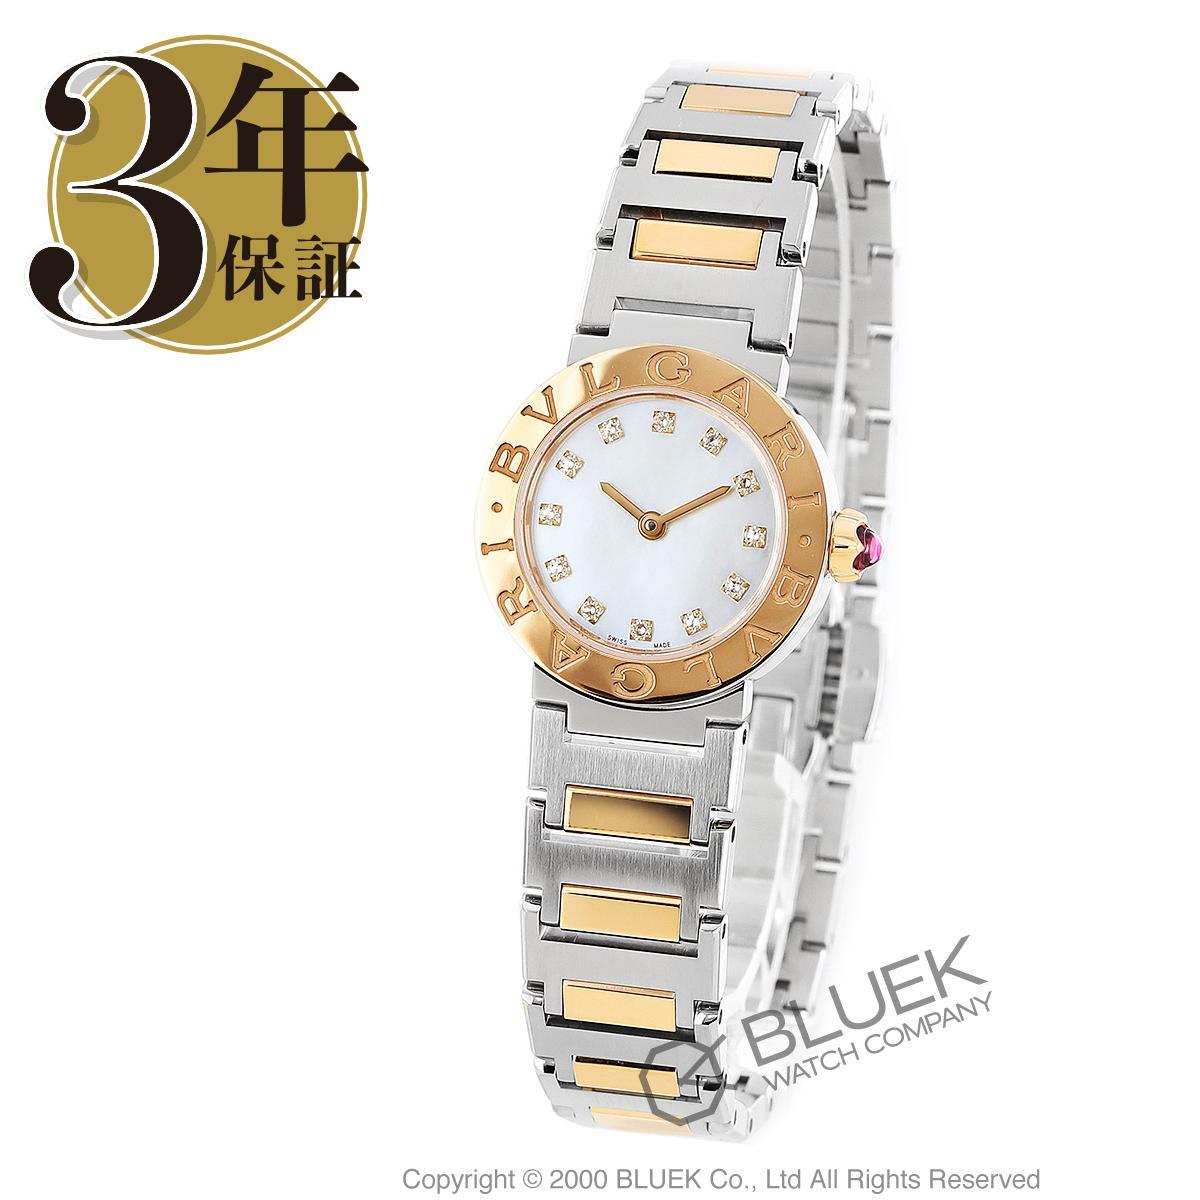 ブルガリ ブルガリブルガリ レディ ダイヤ 腕時計 レディース BVLGARI BBL23WSPG/12_3